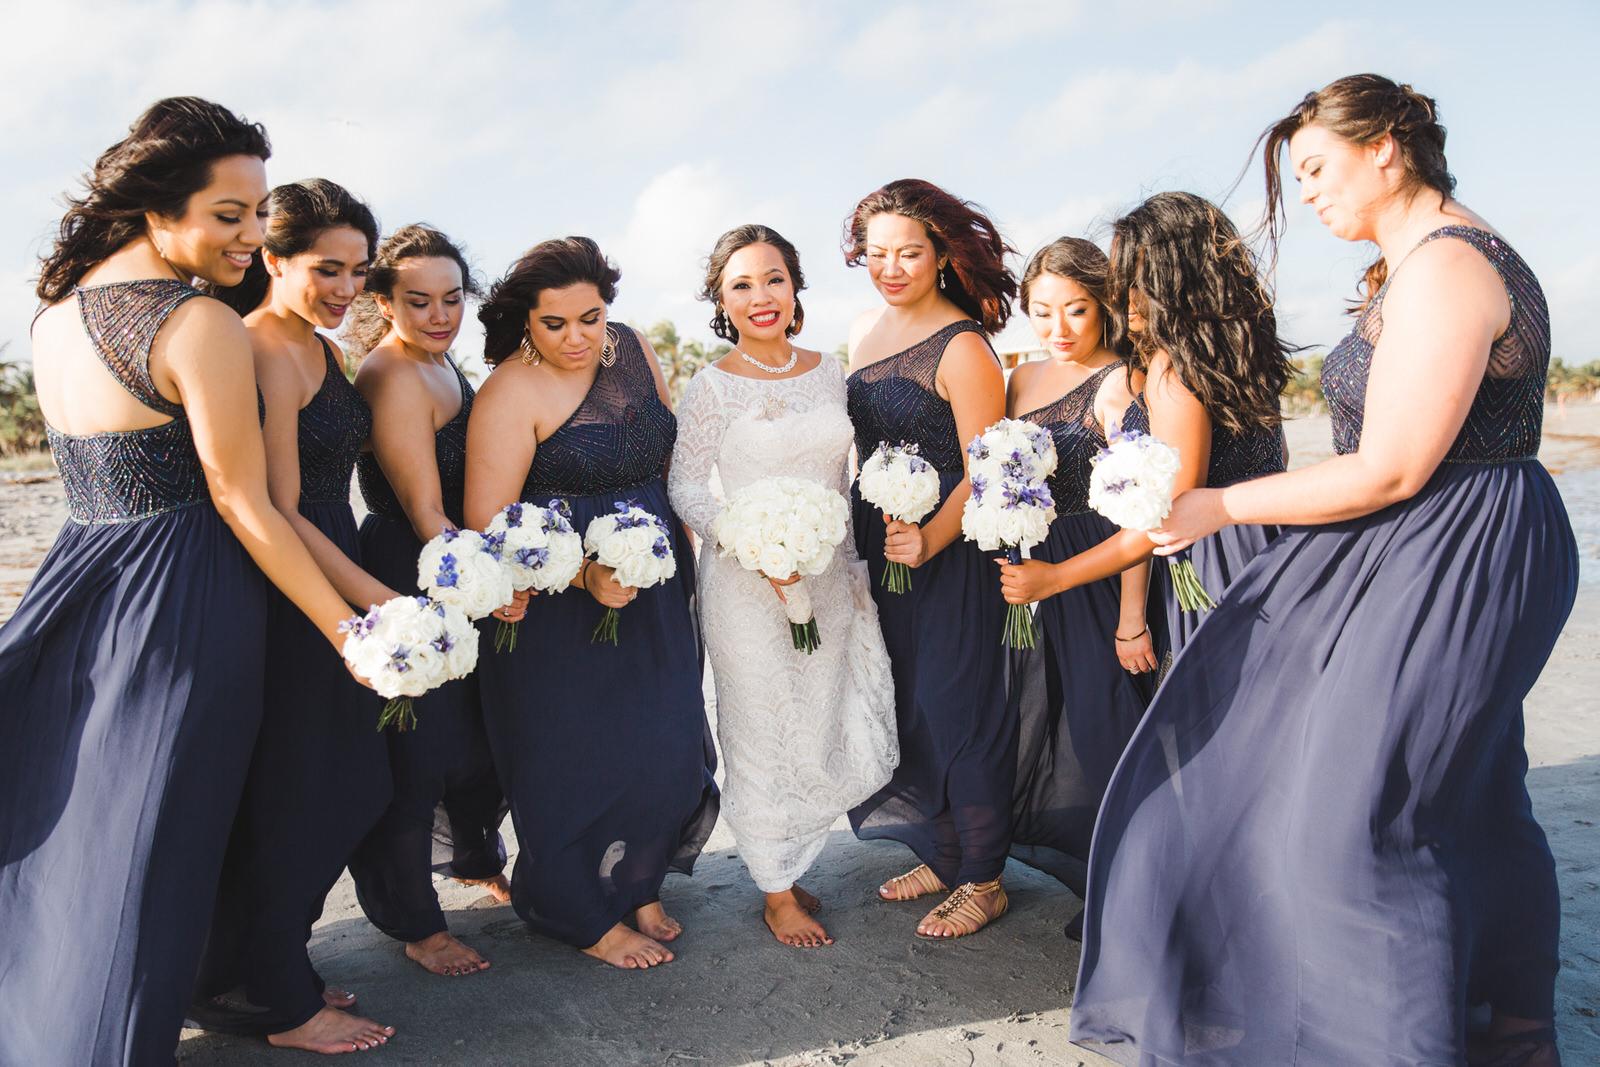 crandon beach wedding photos